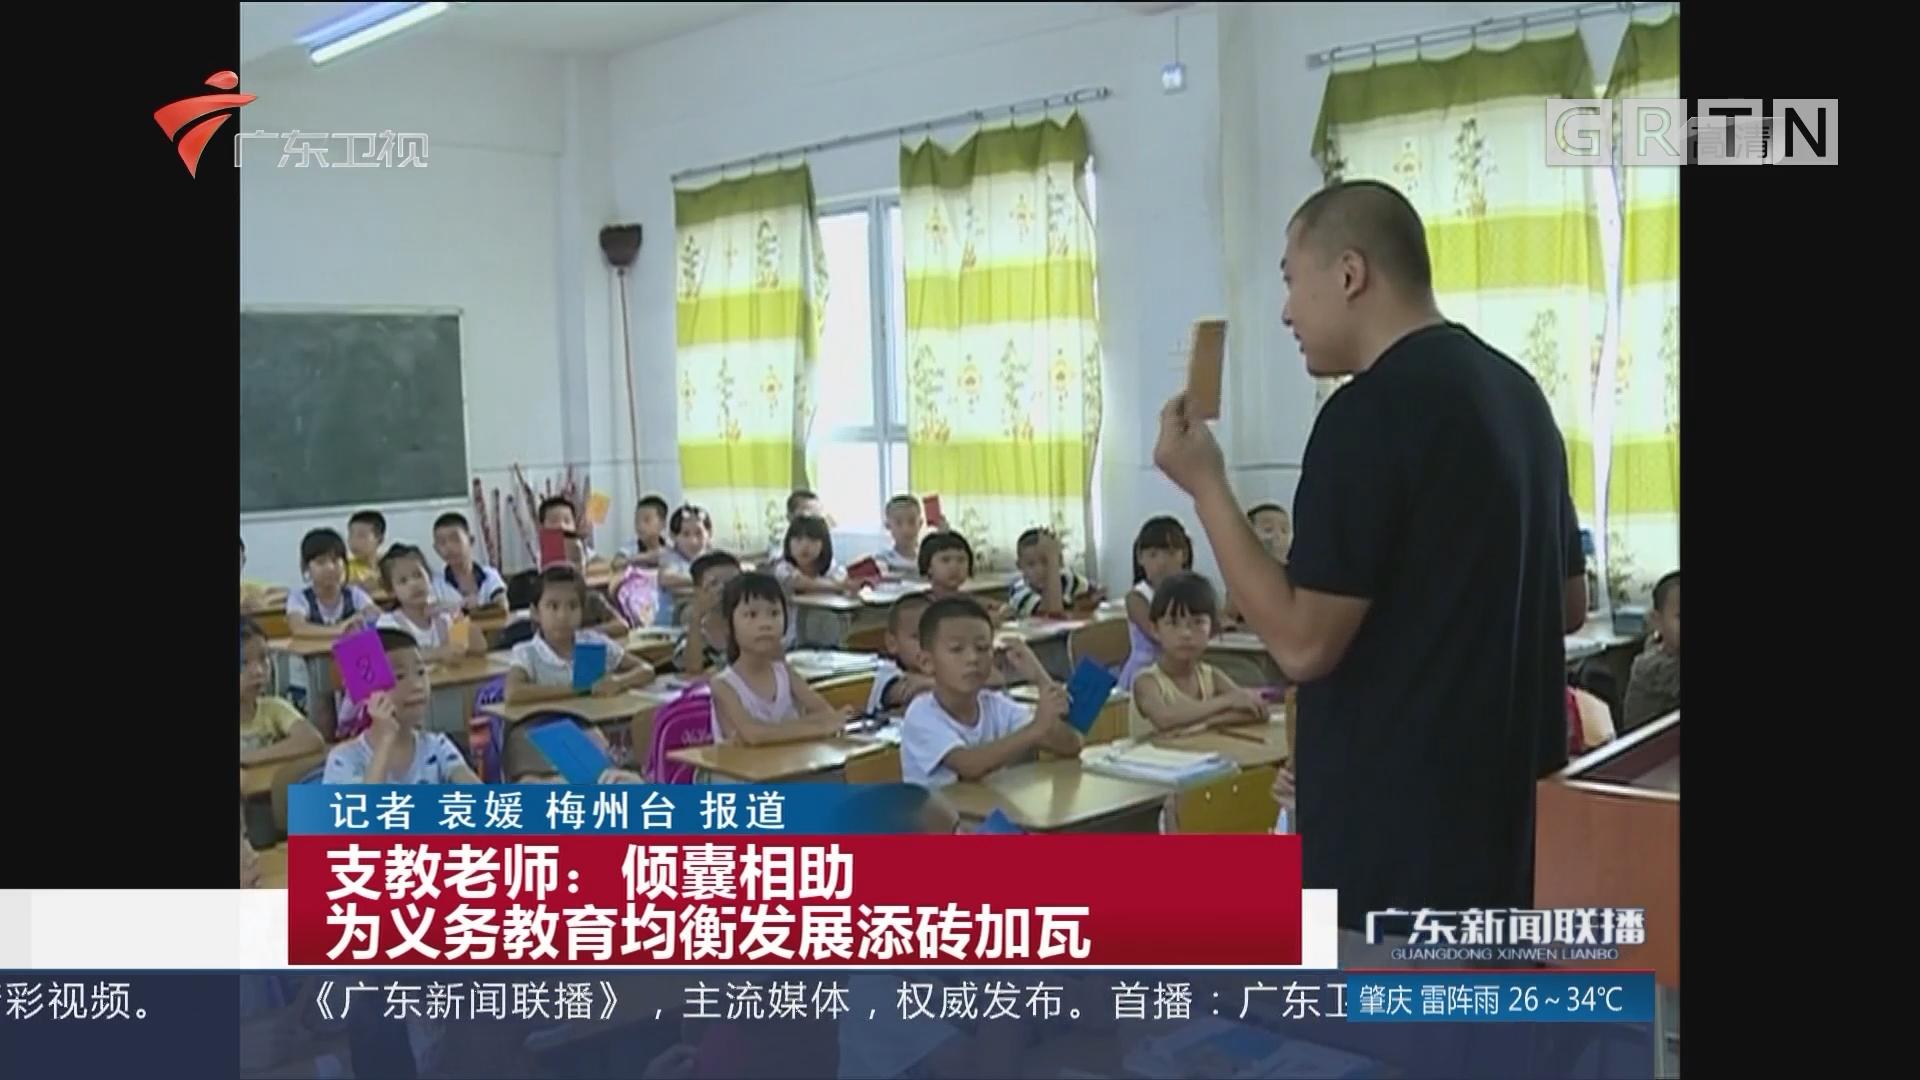 支教老师:倾囊相助 为义务教育均衡发展添砖加瓦